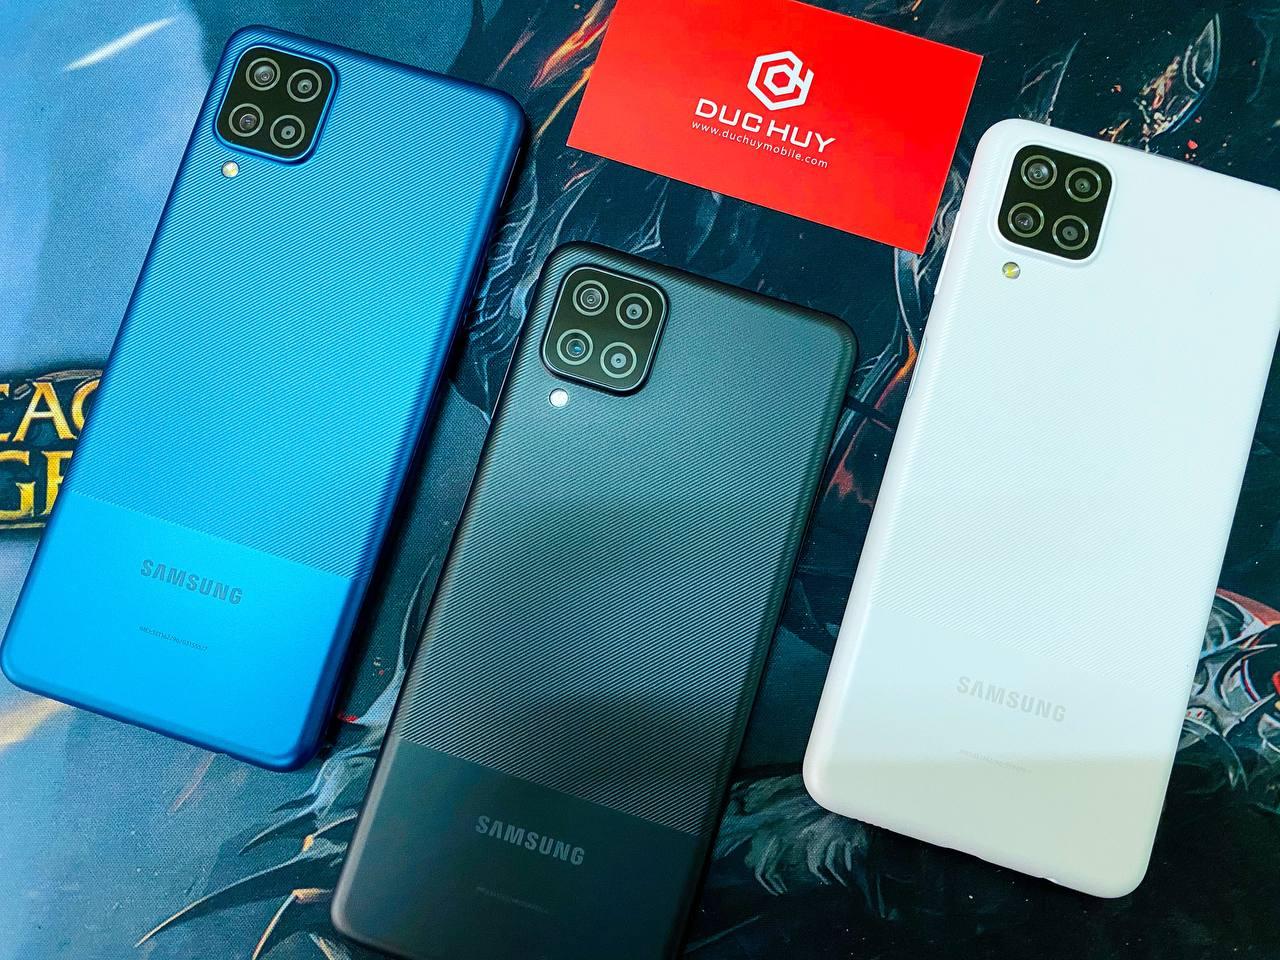 samsung galaxy a12 bán ra 3 màu xanh, đen, trắng